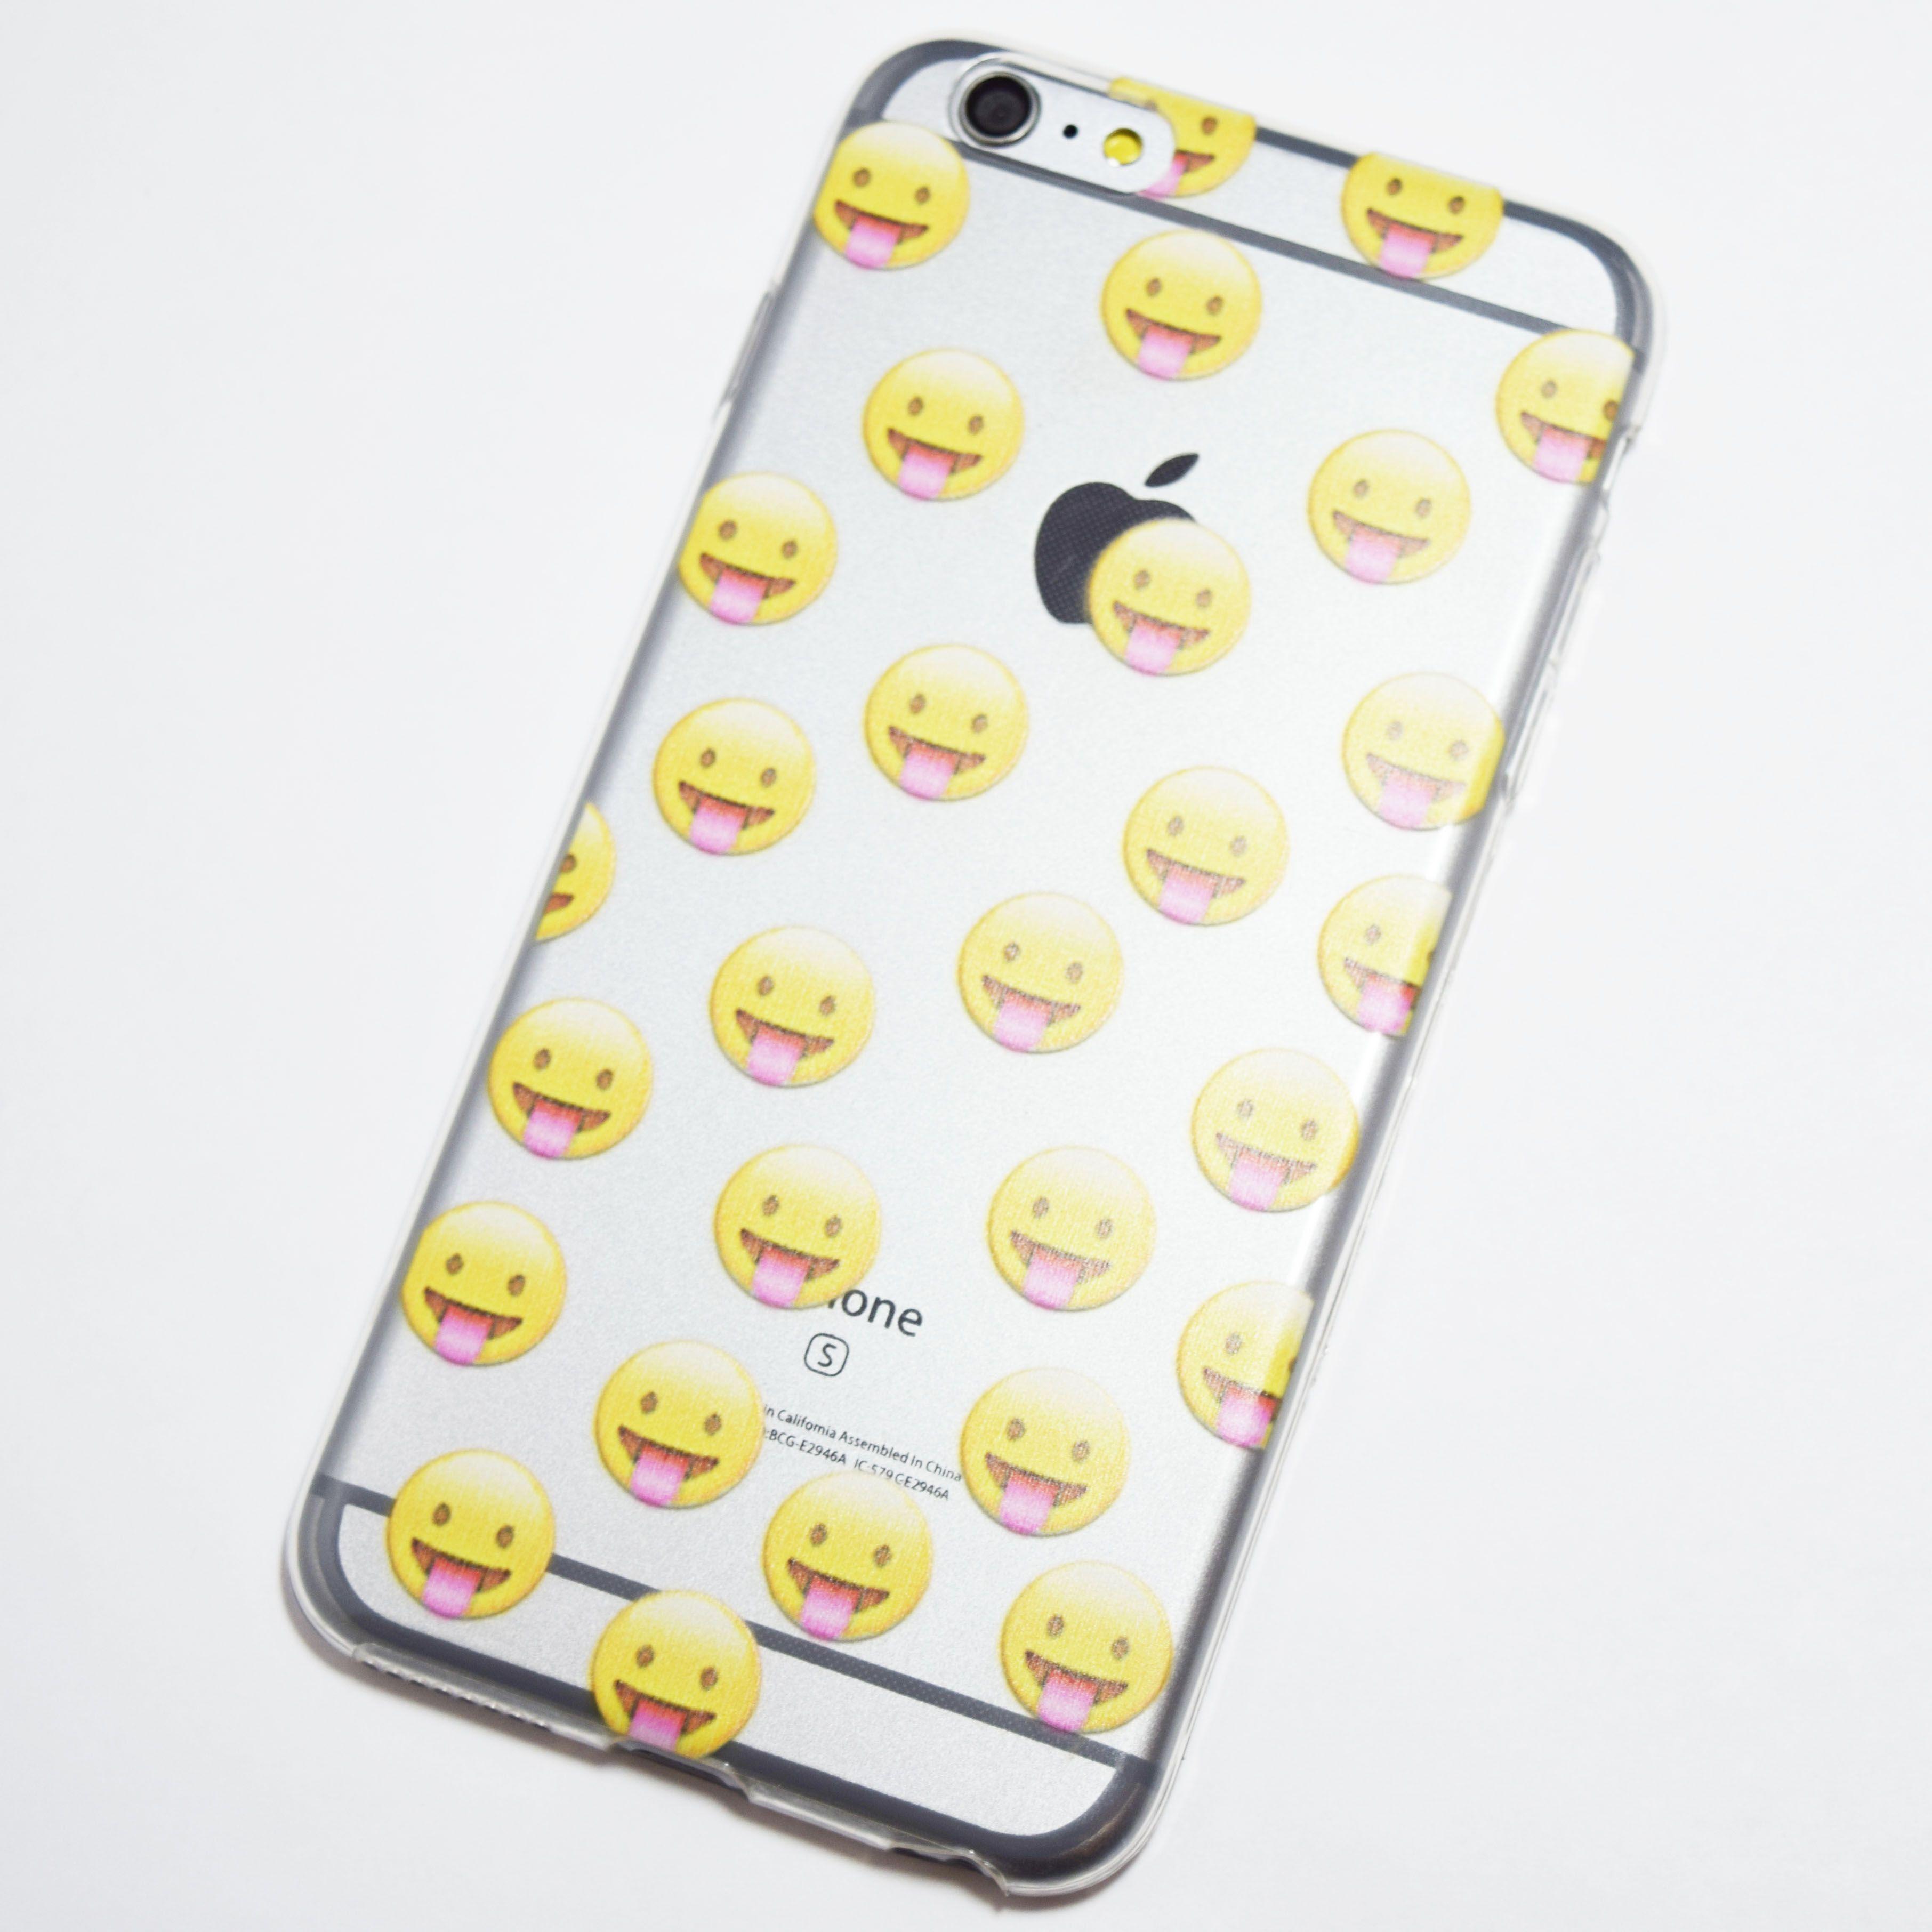 Tongue Emoji Iphone 6 Plus 6s Plus Case Retailite Iphone Case Iphone 6